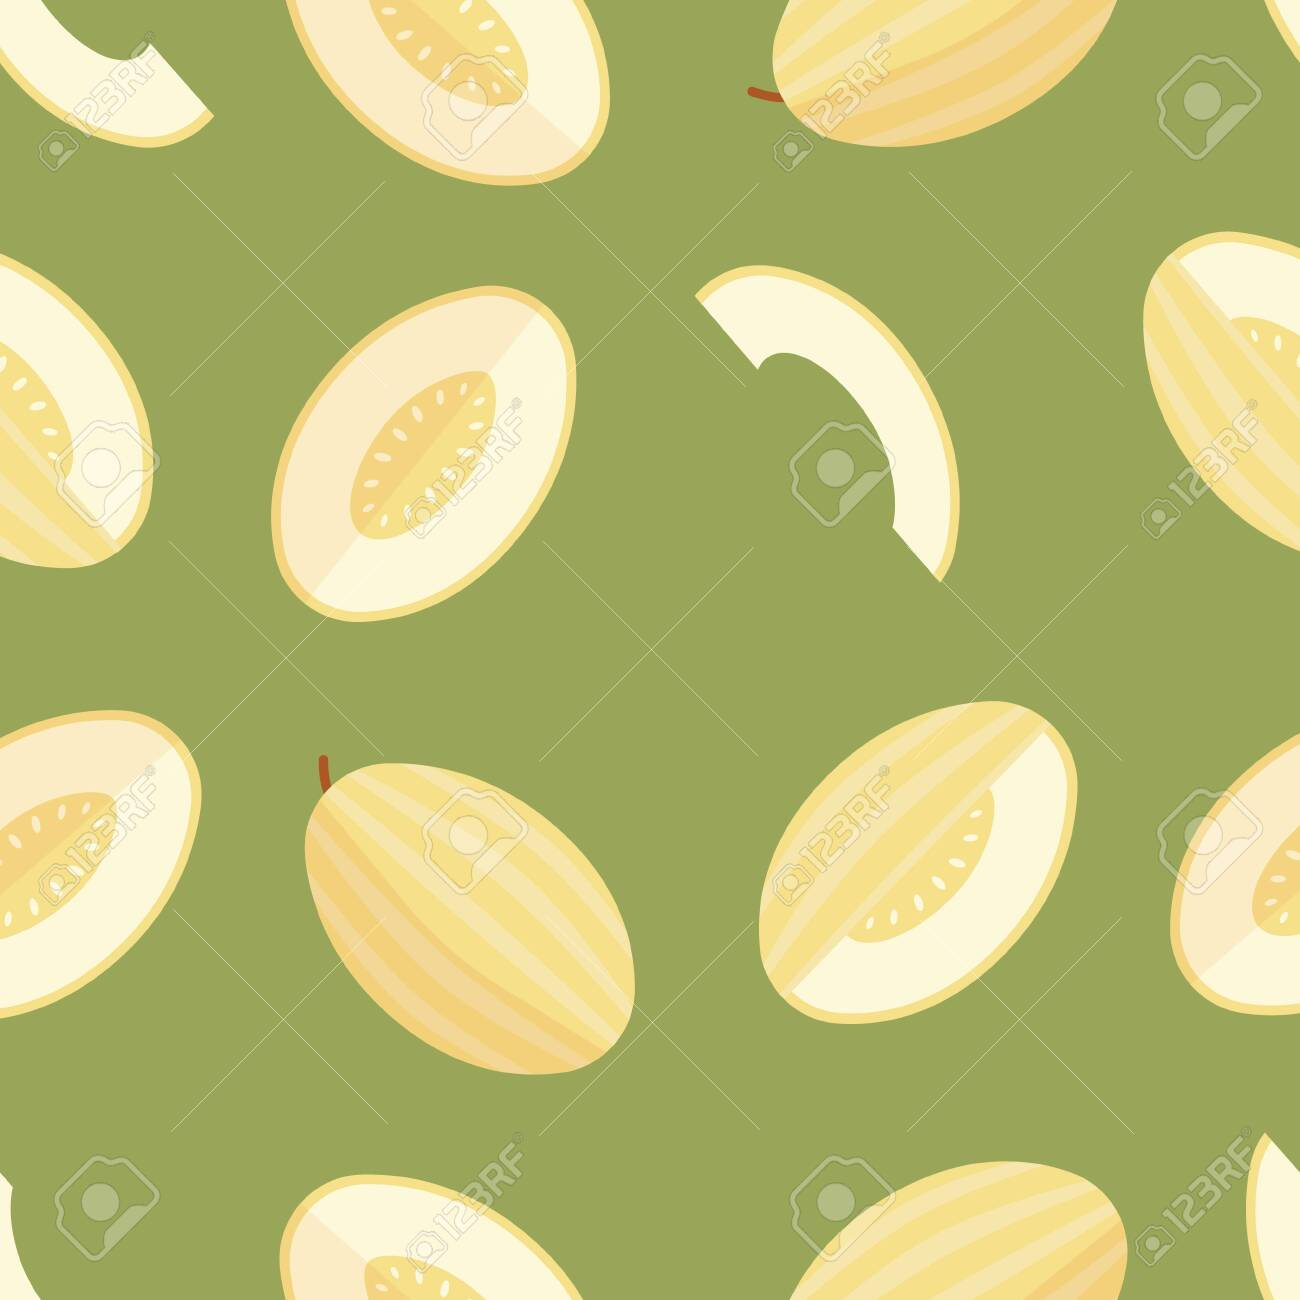 Green seamless pattern of melon, organic sweet dessert. - 132553822